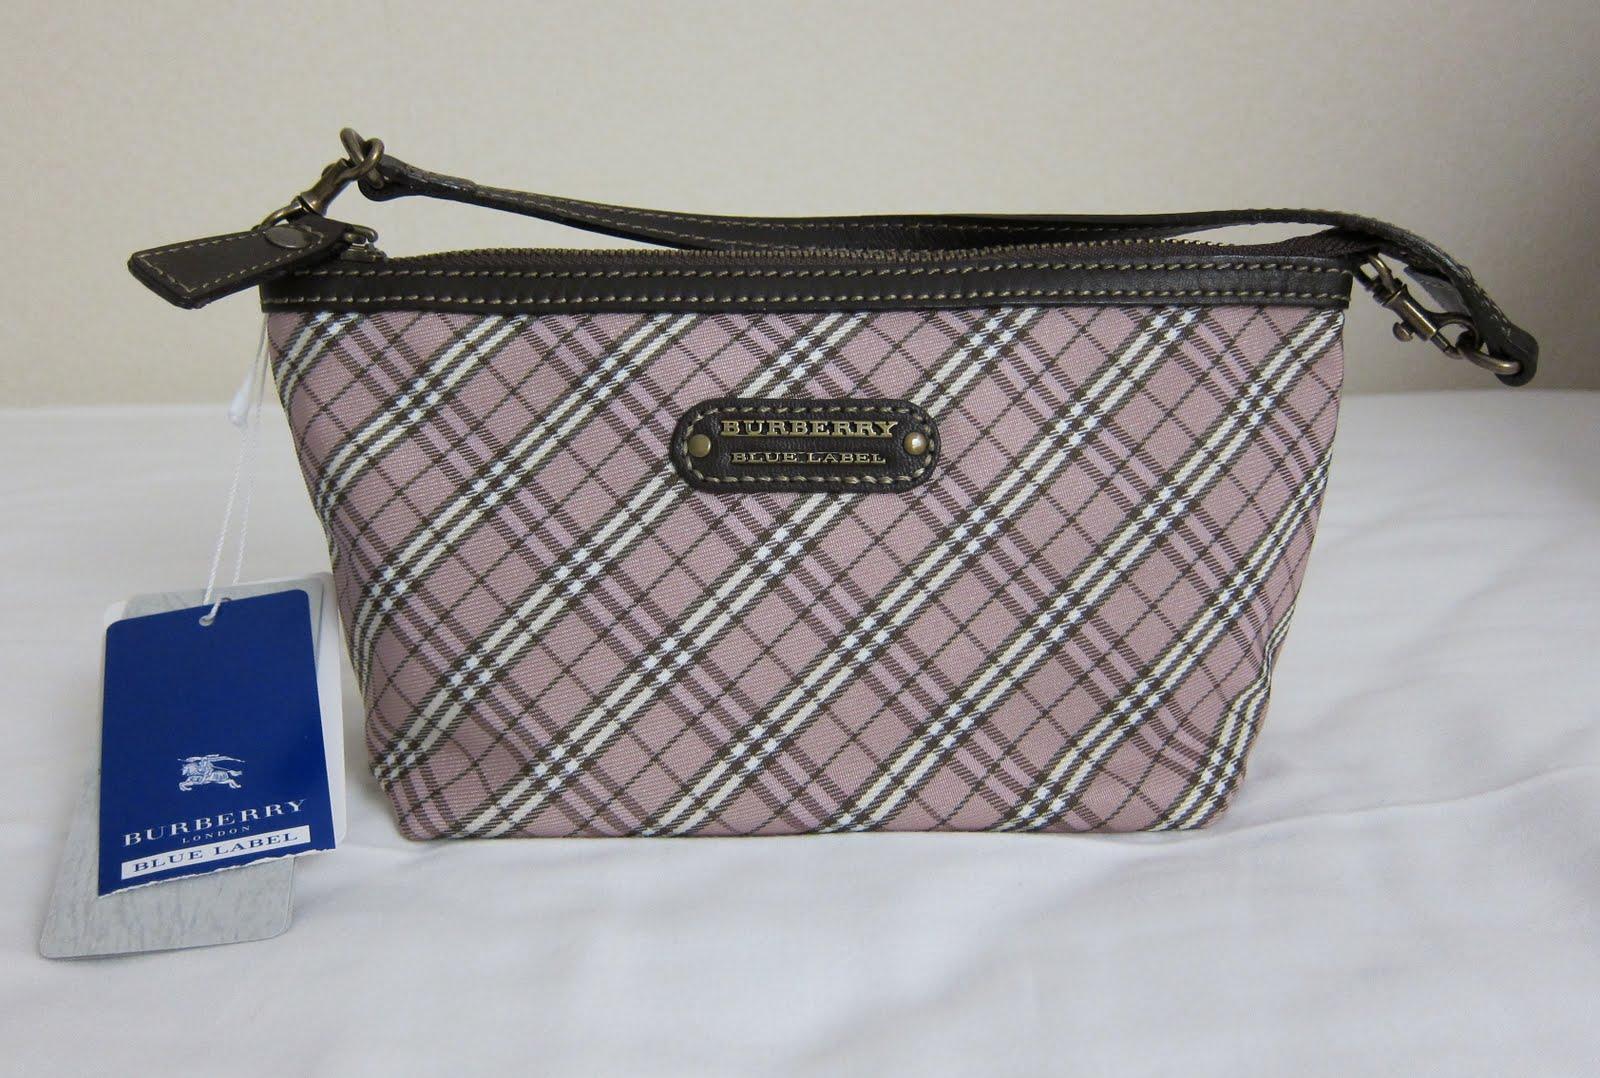 Burberry Blue Label Clutch Shoulder Bag